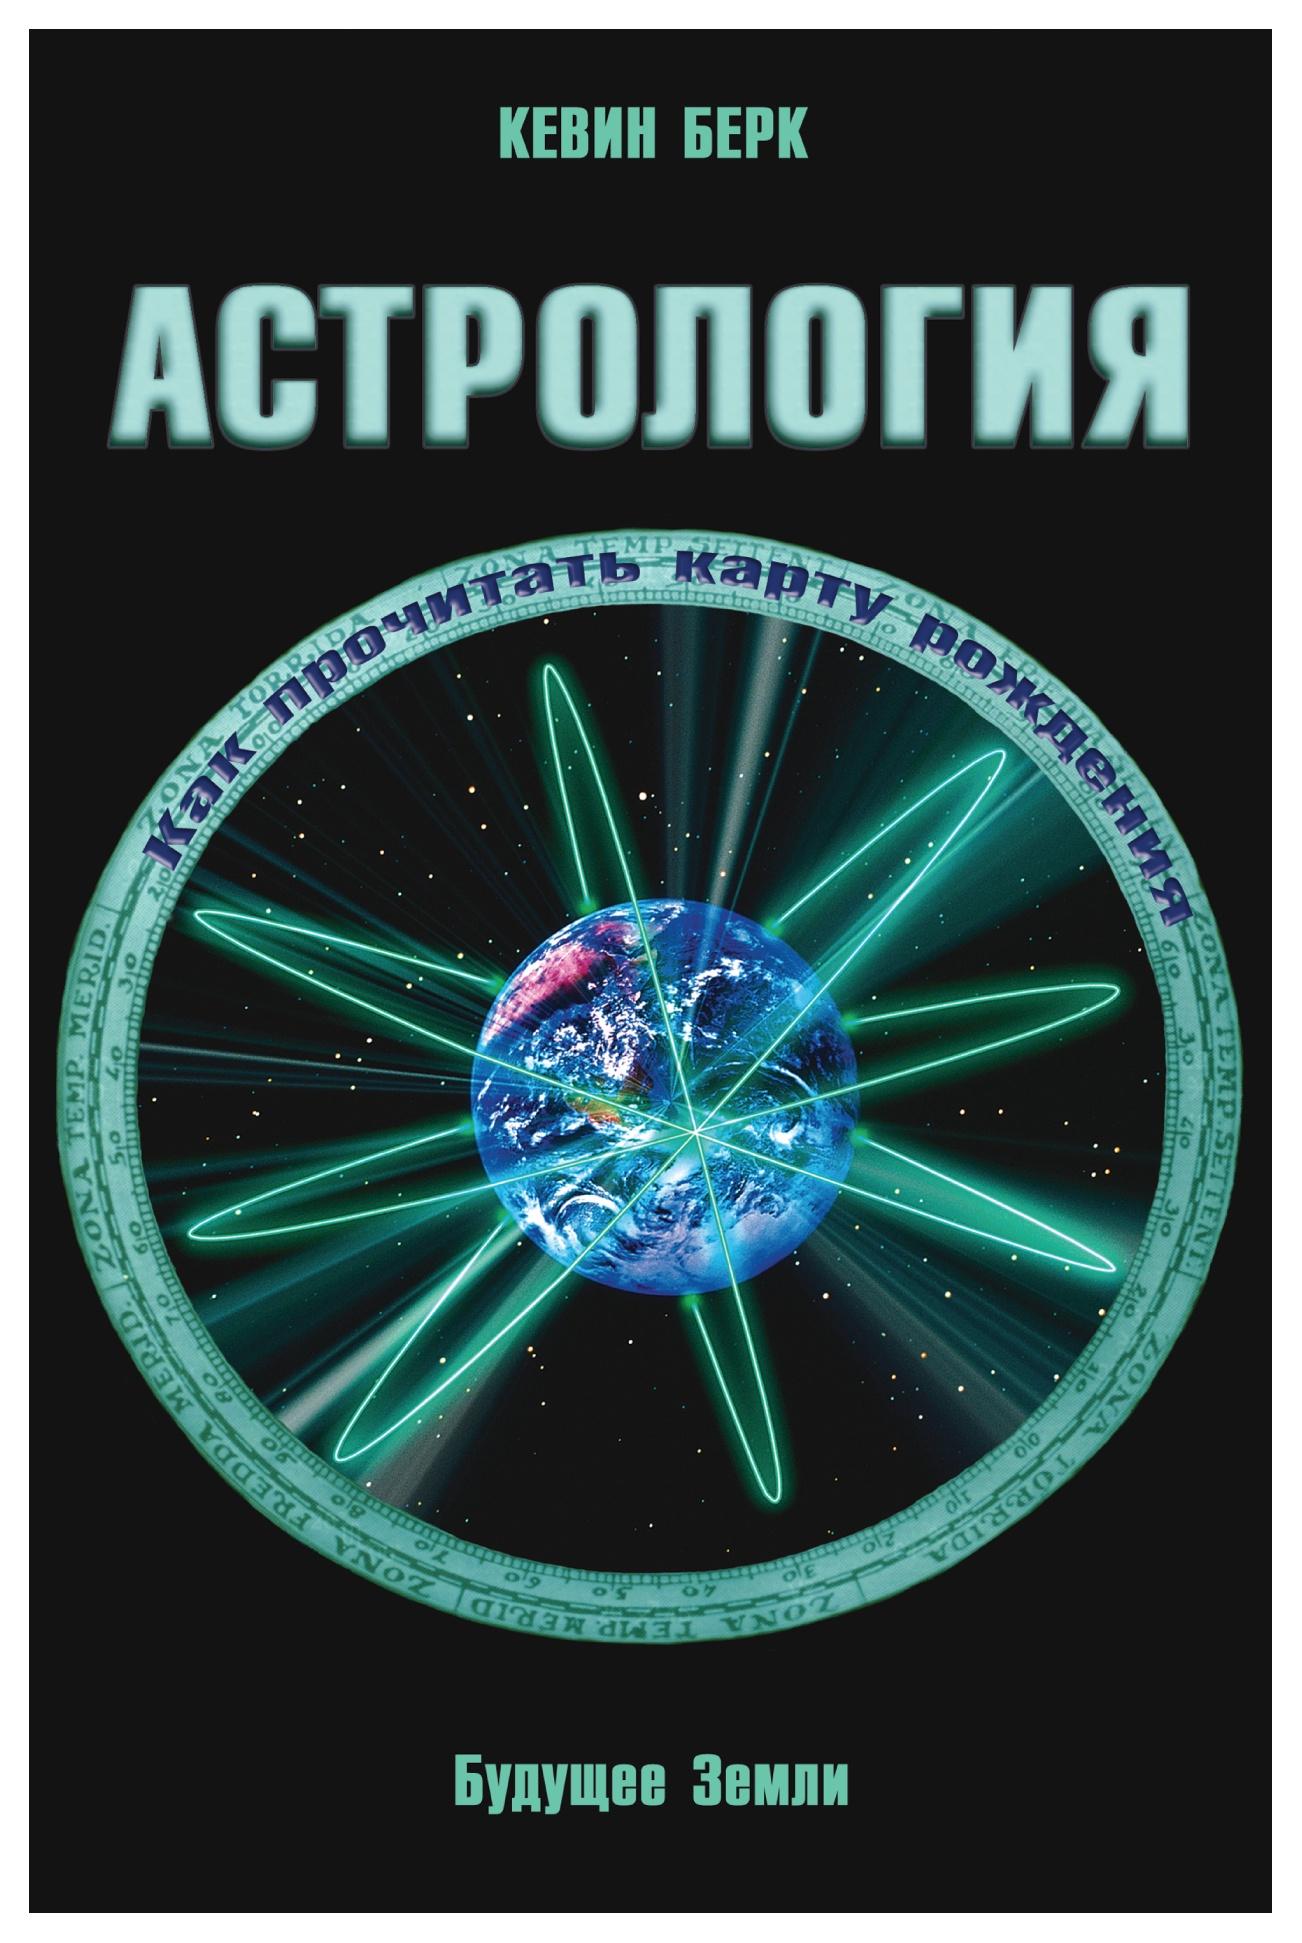 Кевин Берк Астрология. Как прочитать карту рождения берк к астрология как прочитать карту рождения